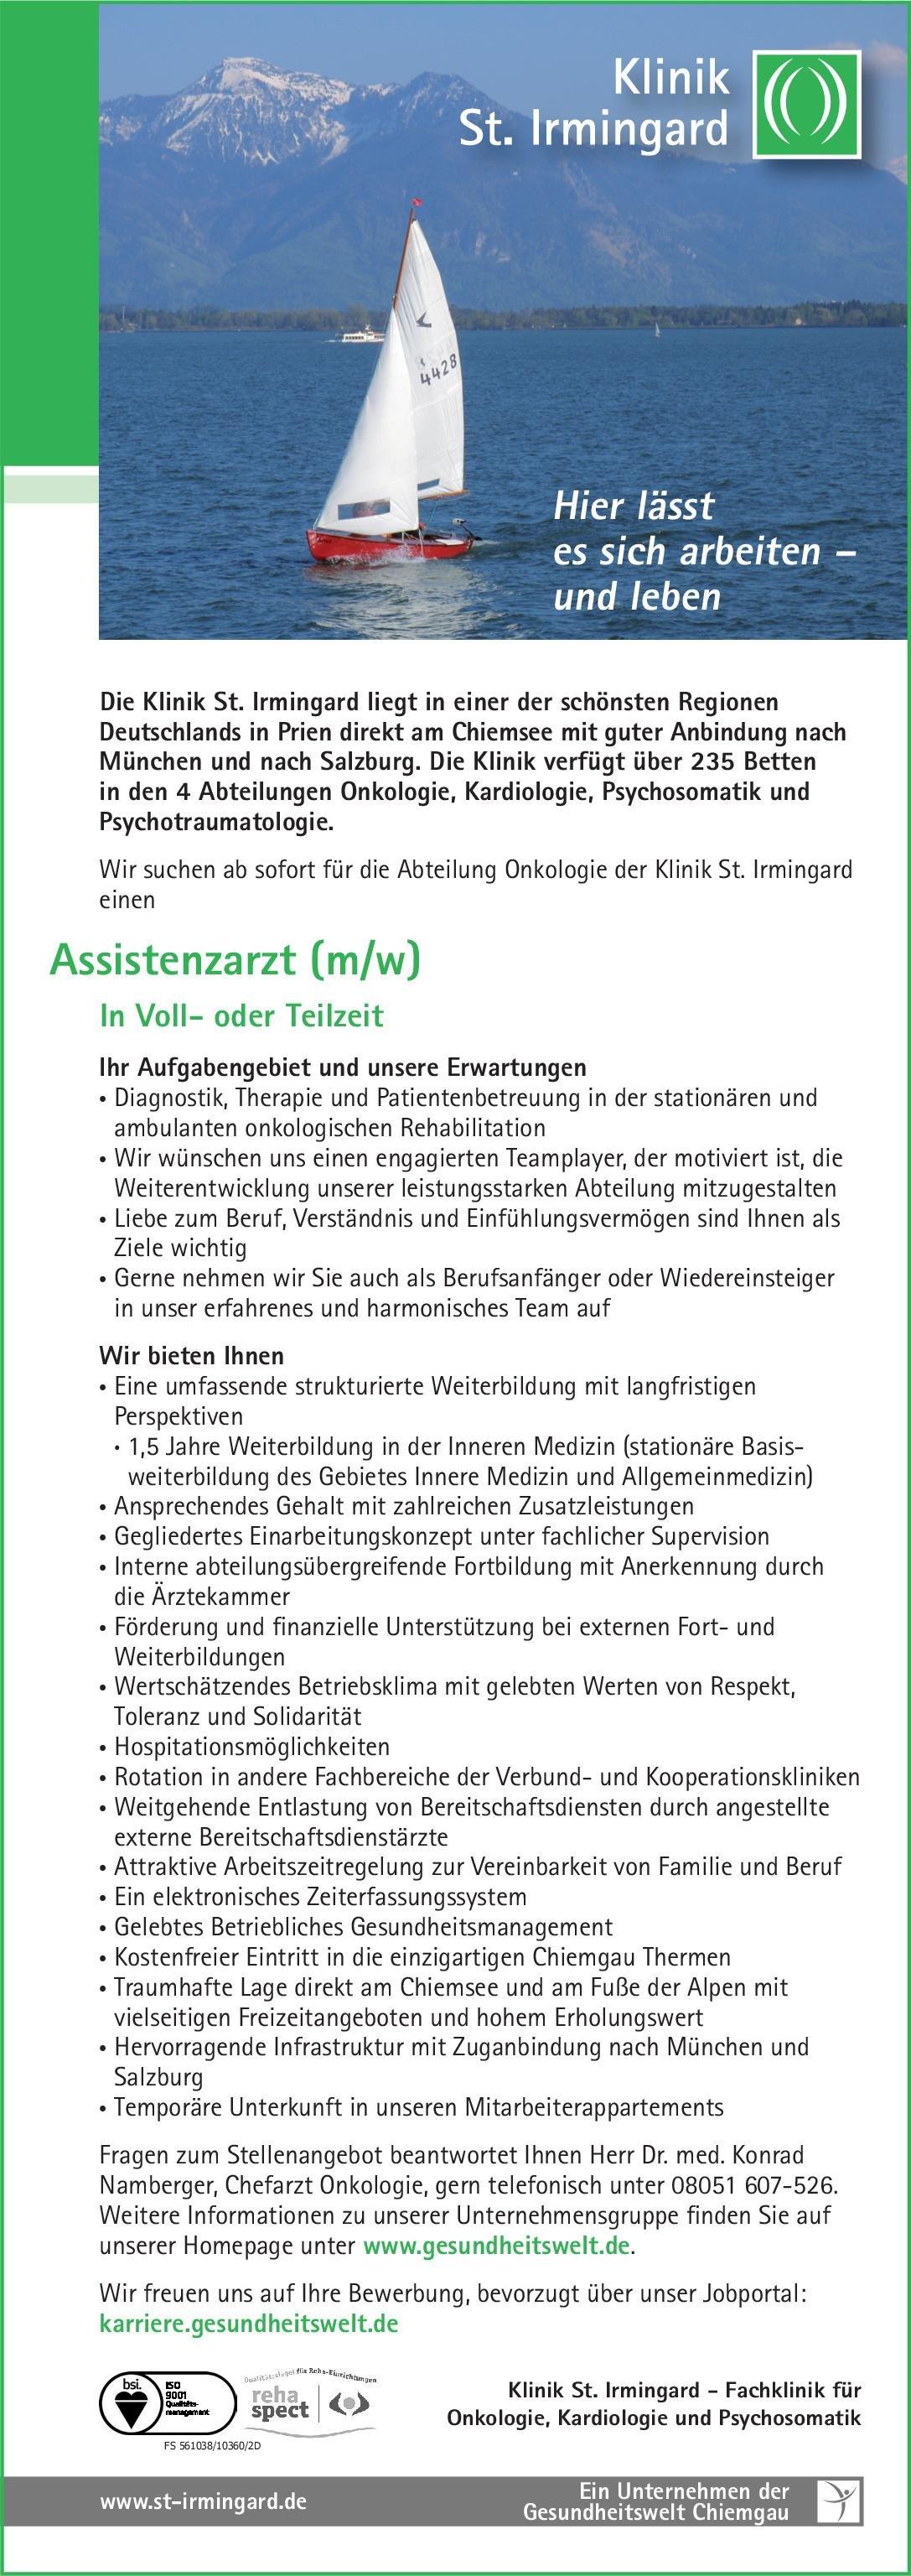 Klinik St. Irmingard Assistenzarzt (m/w) Onkologie  Innere Medizin und Hämatologie und Onkologie, Innere Medizin Assistenzarzt / Arzt in Weiterbildung